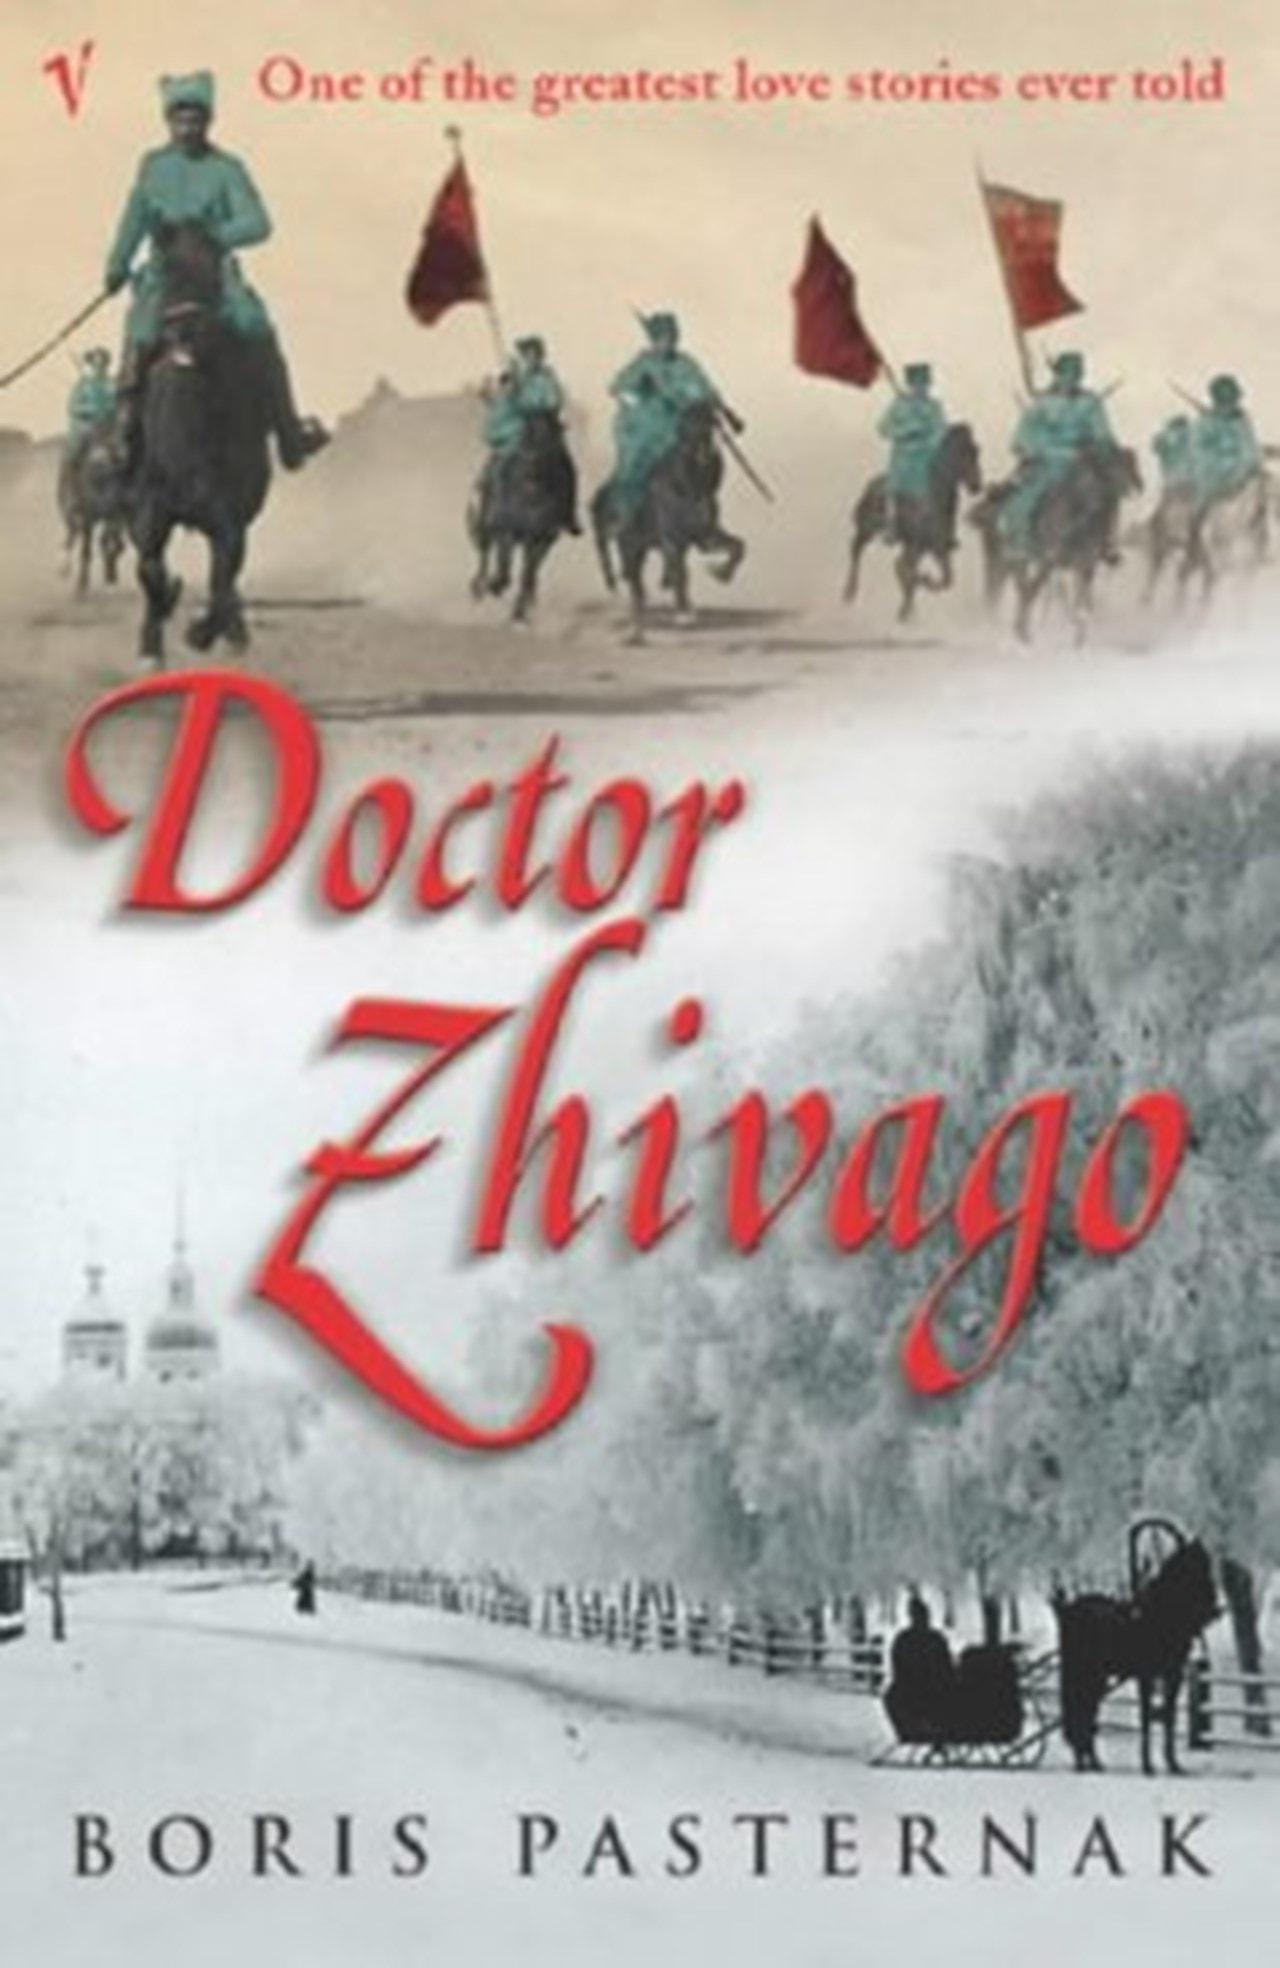 Doctor Zhivago - 1